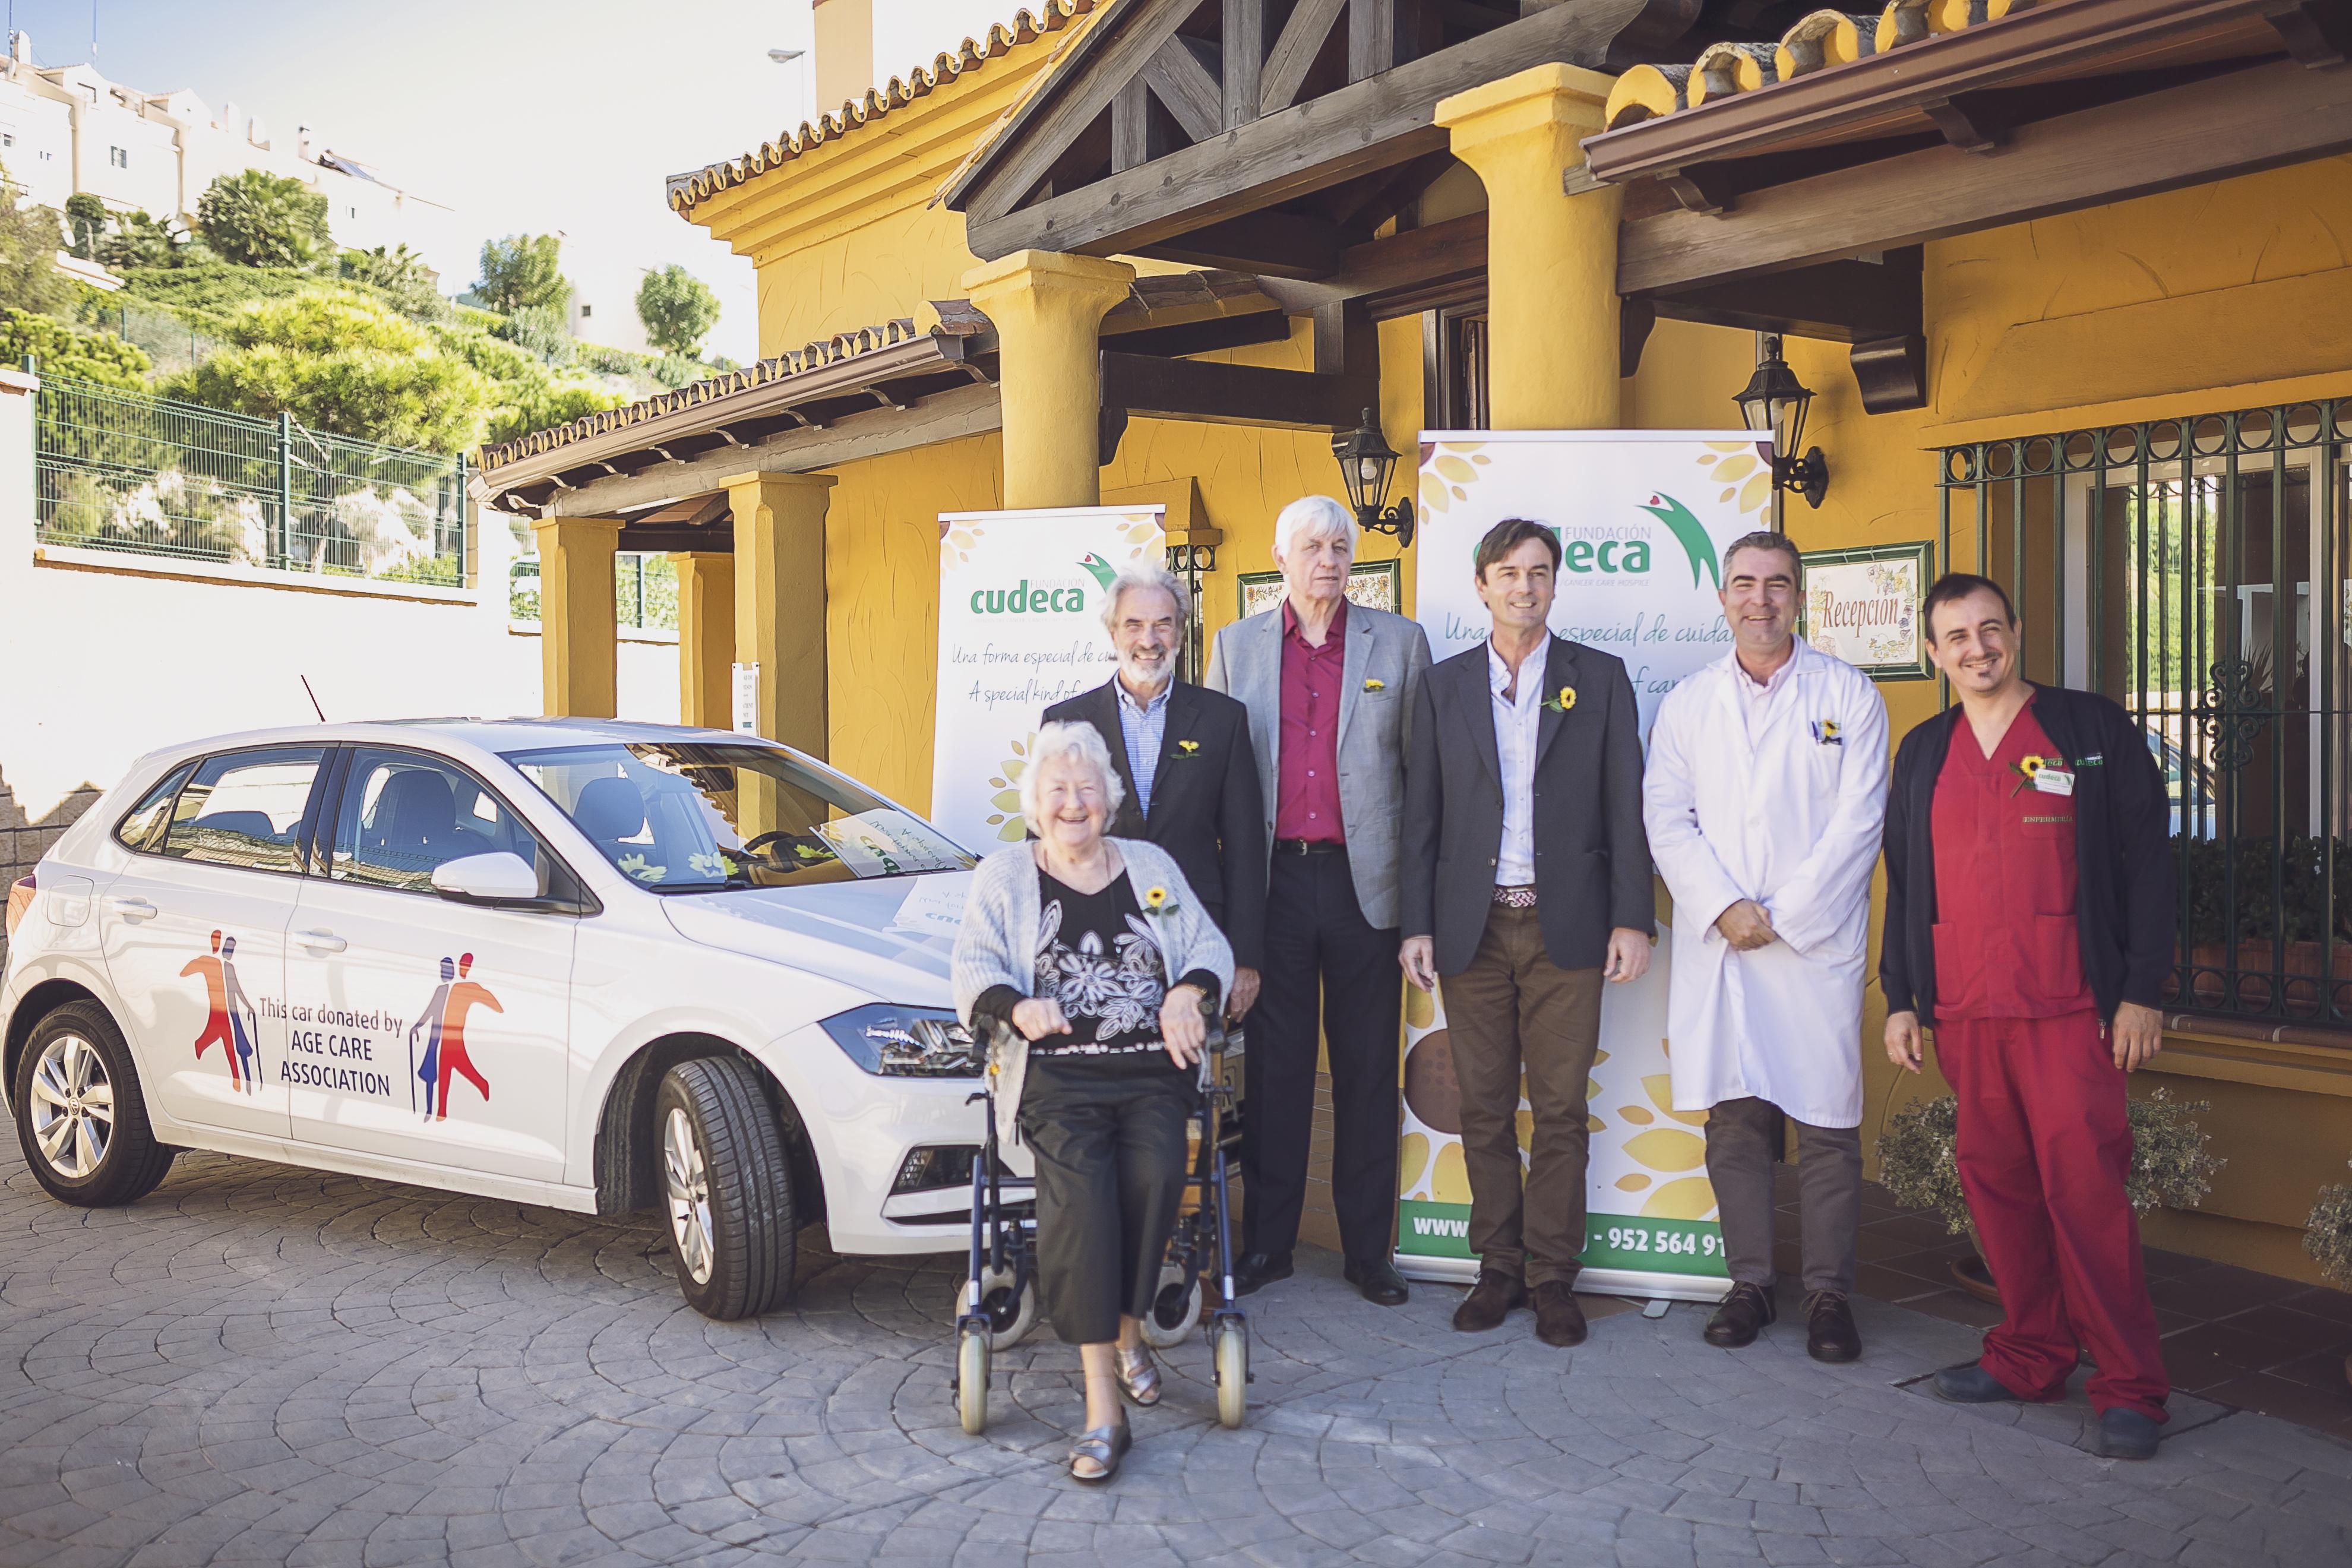 CUDECA presenta el coche patrocinado por Age Care